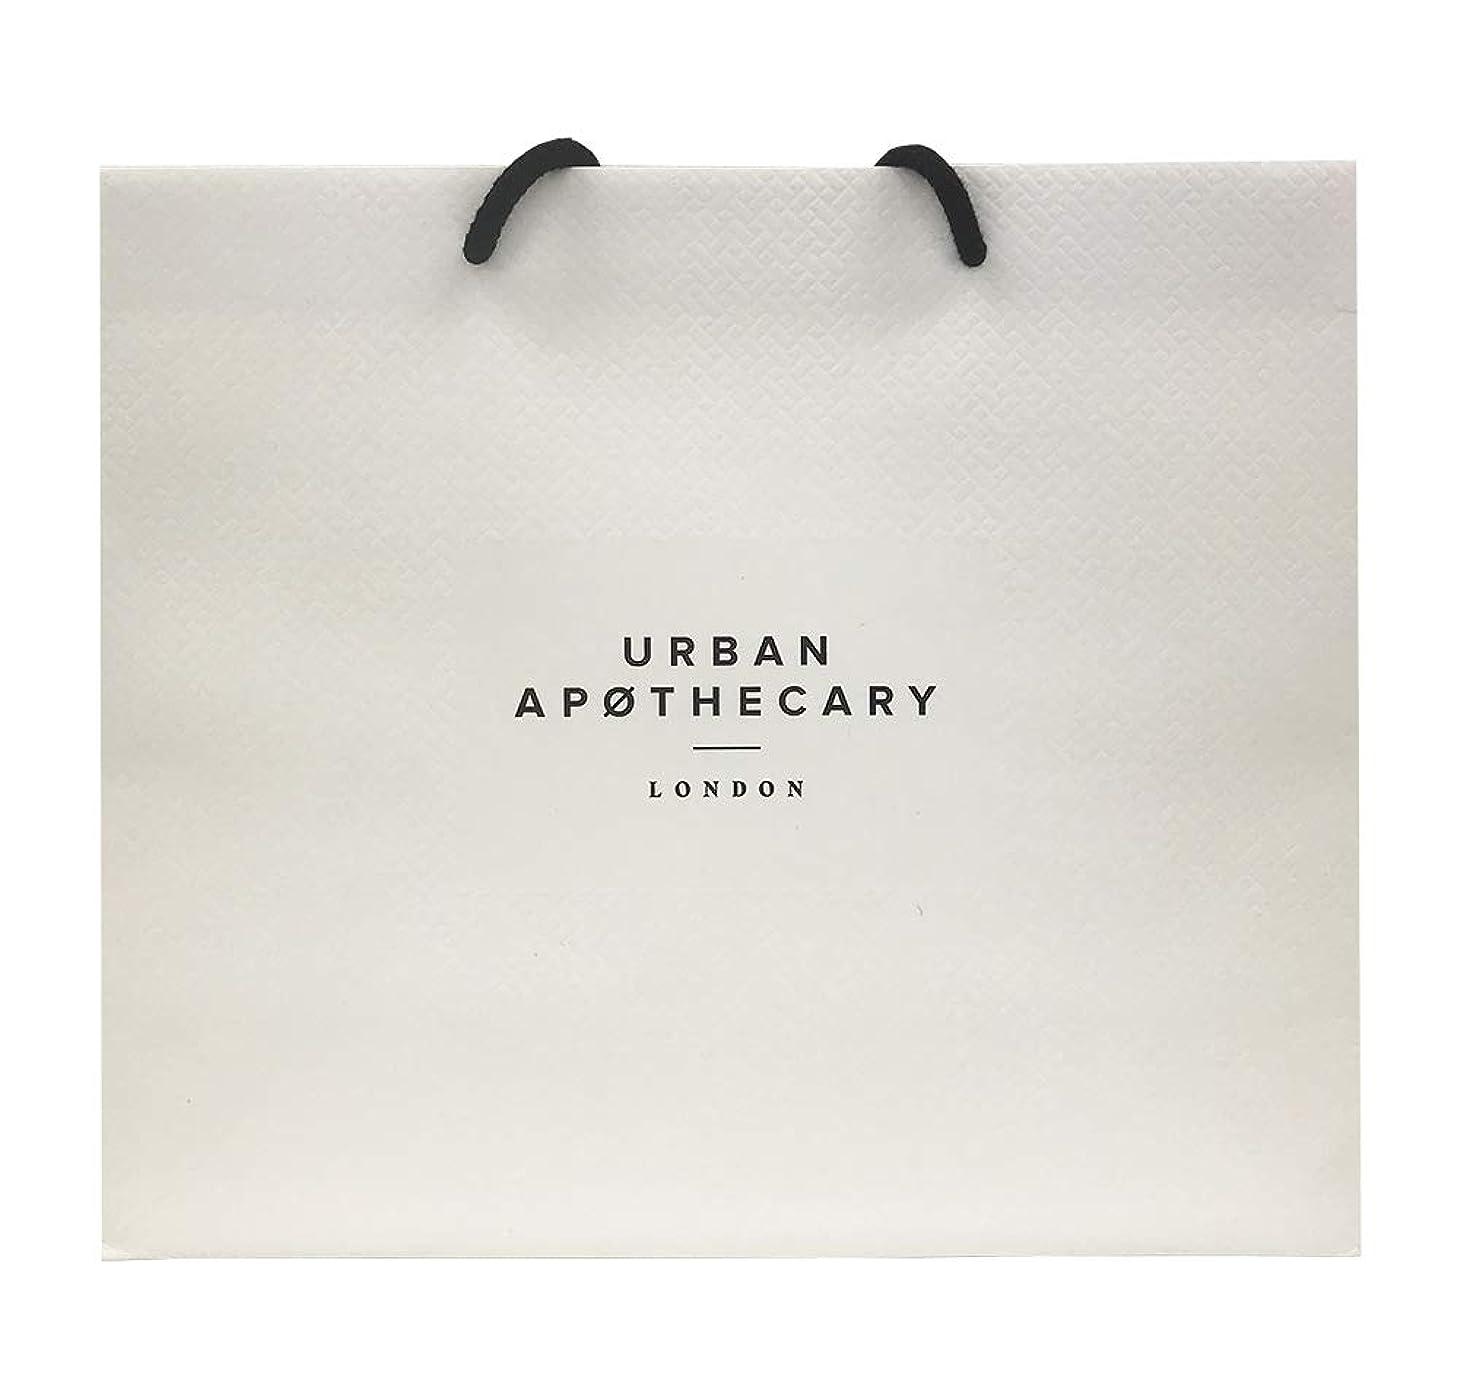 マウスピース感動する規則性URBAN APOTHECARY ギフトバッグ